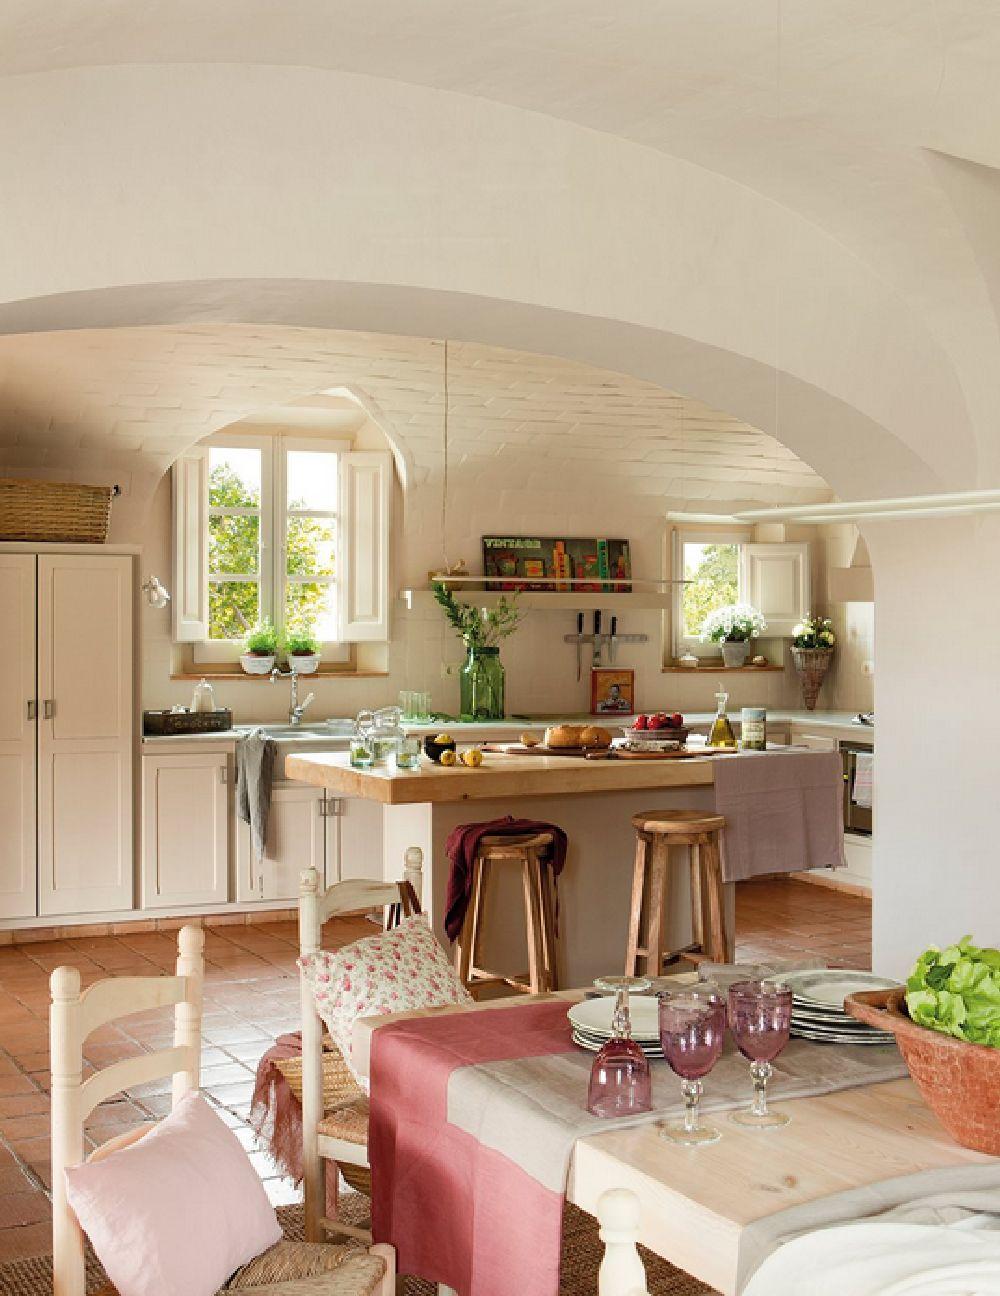 adelaparvu.com despre casa rustica catalana cu interior elegant decorat, design interior Gemma Mateos, Foto ElMueble (7)